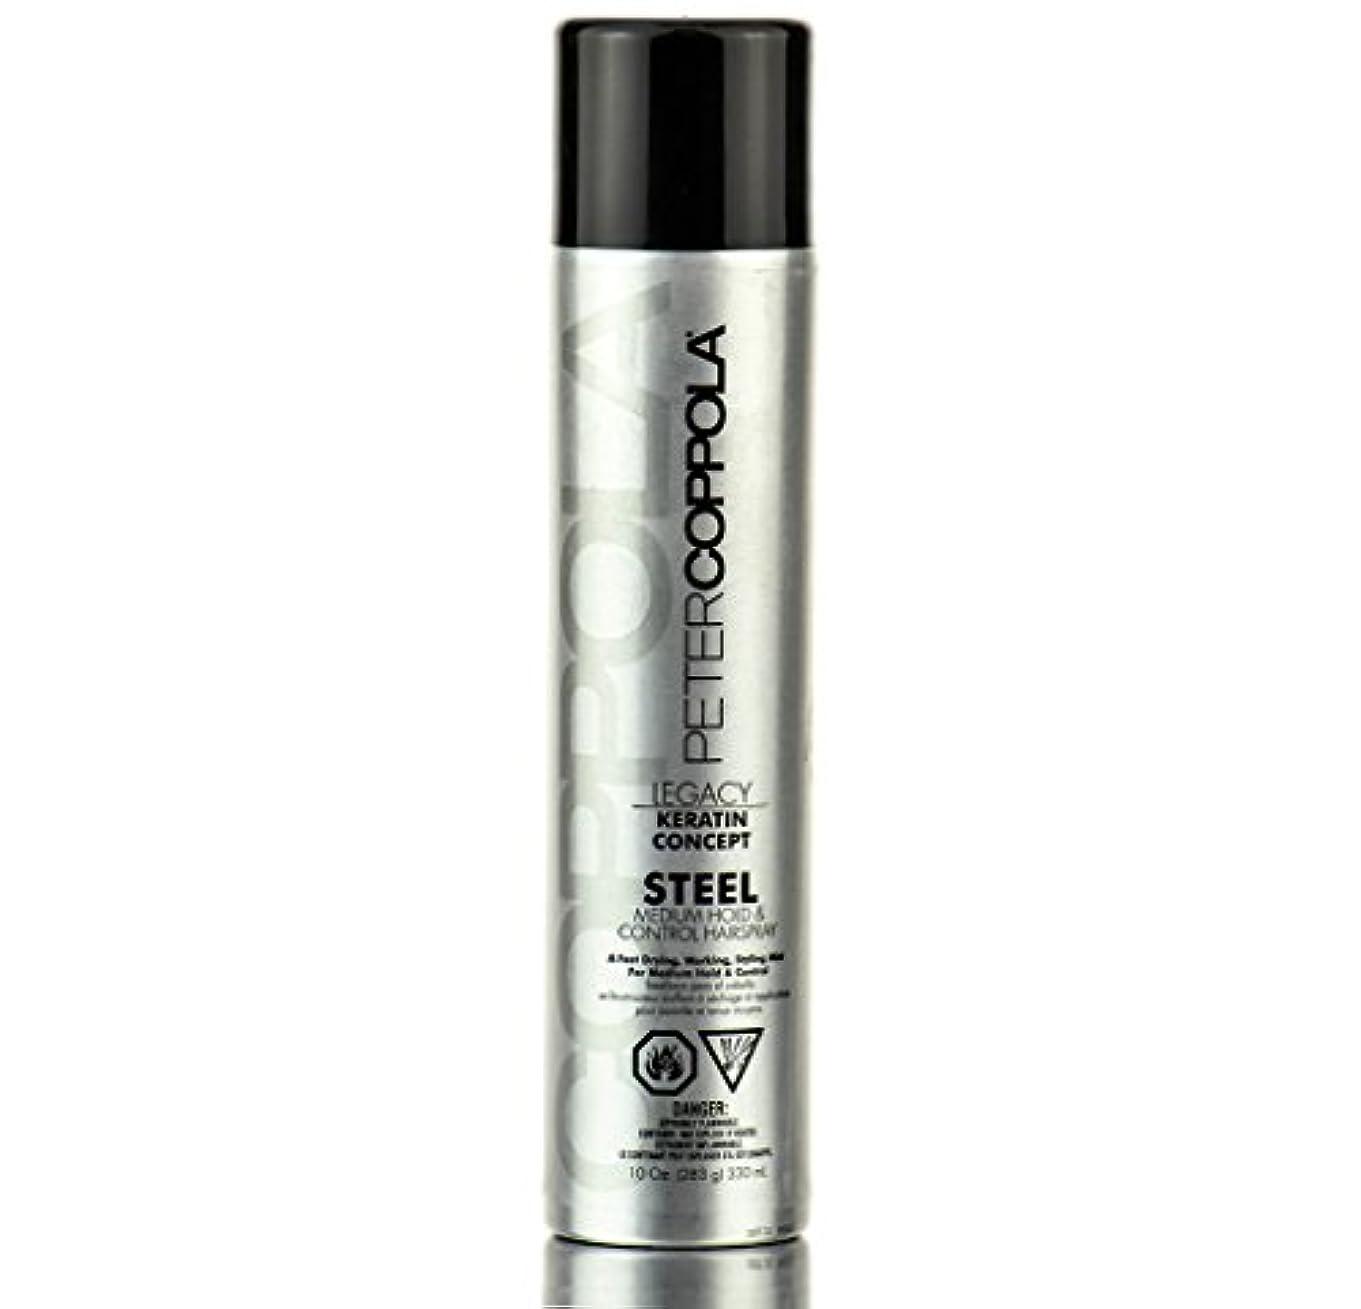 異なるおなじみのフローティングPeter Coppola スチールヘアスプレー - 軽量、ミディアムホールド、柔軟なホールドは、スタイリングヘアボリューム&スタイリングのすべての髪のタイプを追加するための10オンスミディアムシャインスプレー medium_hold